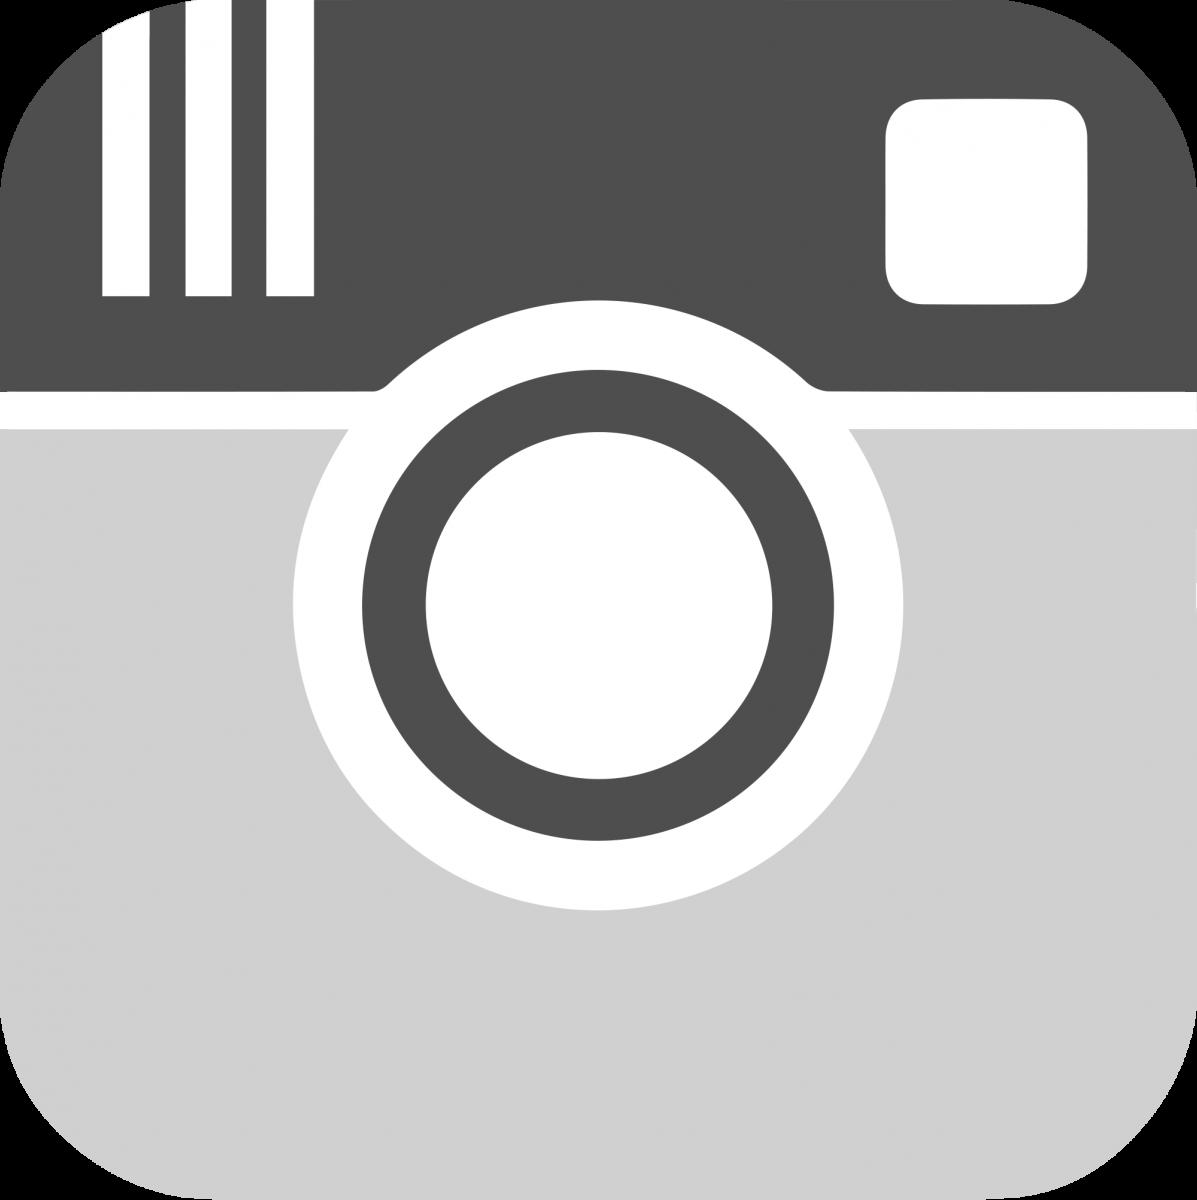 1197x1200 Instagram Logo Eps Png Transparent Instagram Logo Eps.png Images